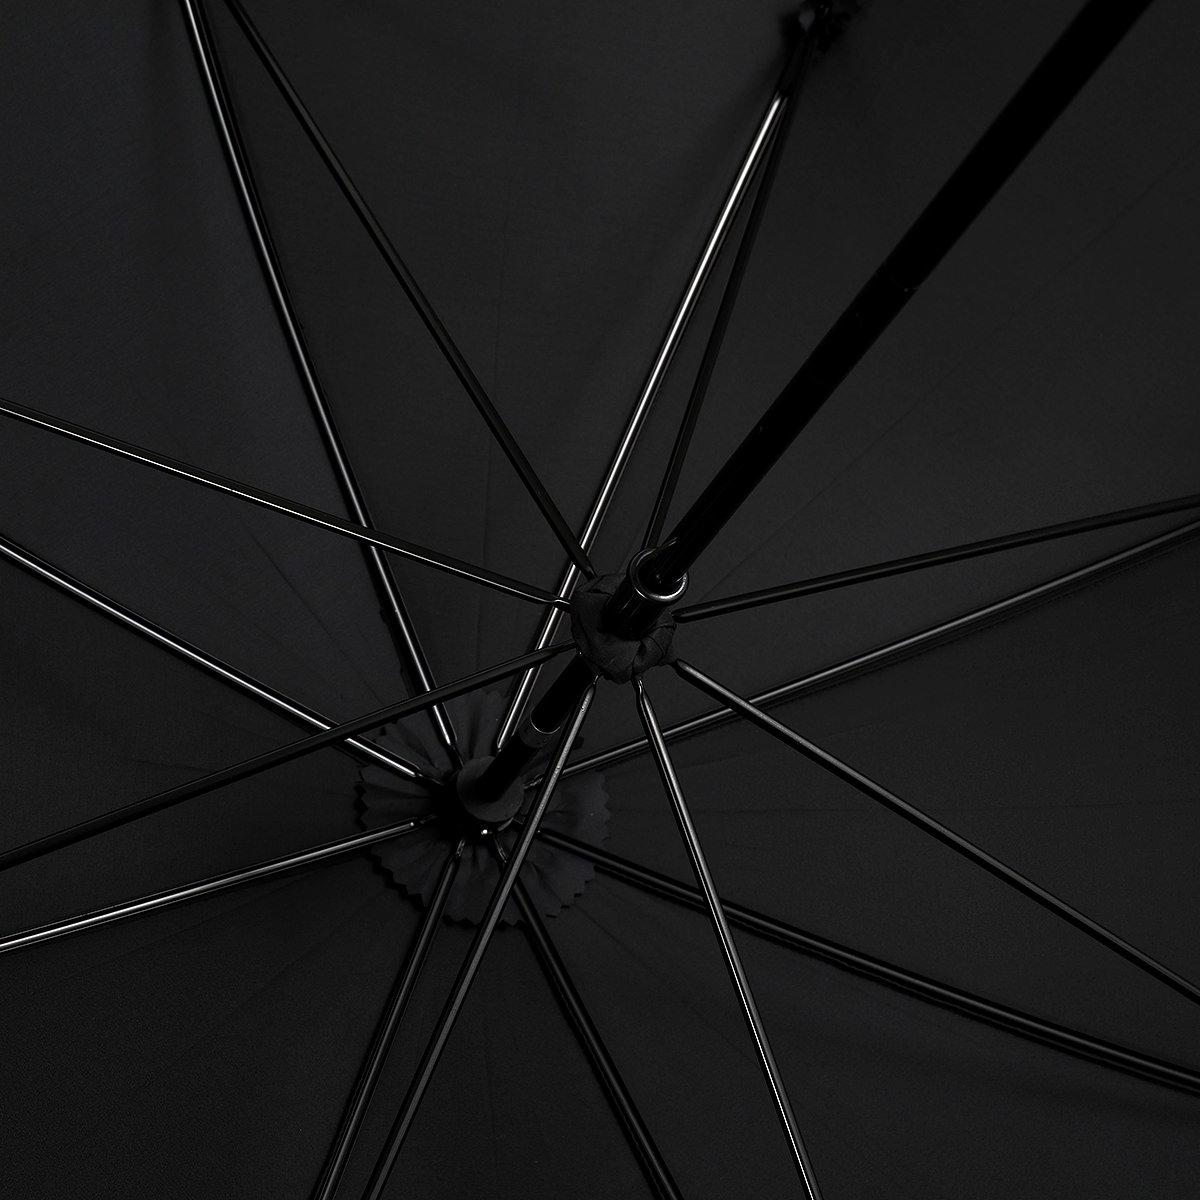 強力撥水 レインドロップ レディース レクタス バンブー 長傘(58cm) 詳細画像8